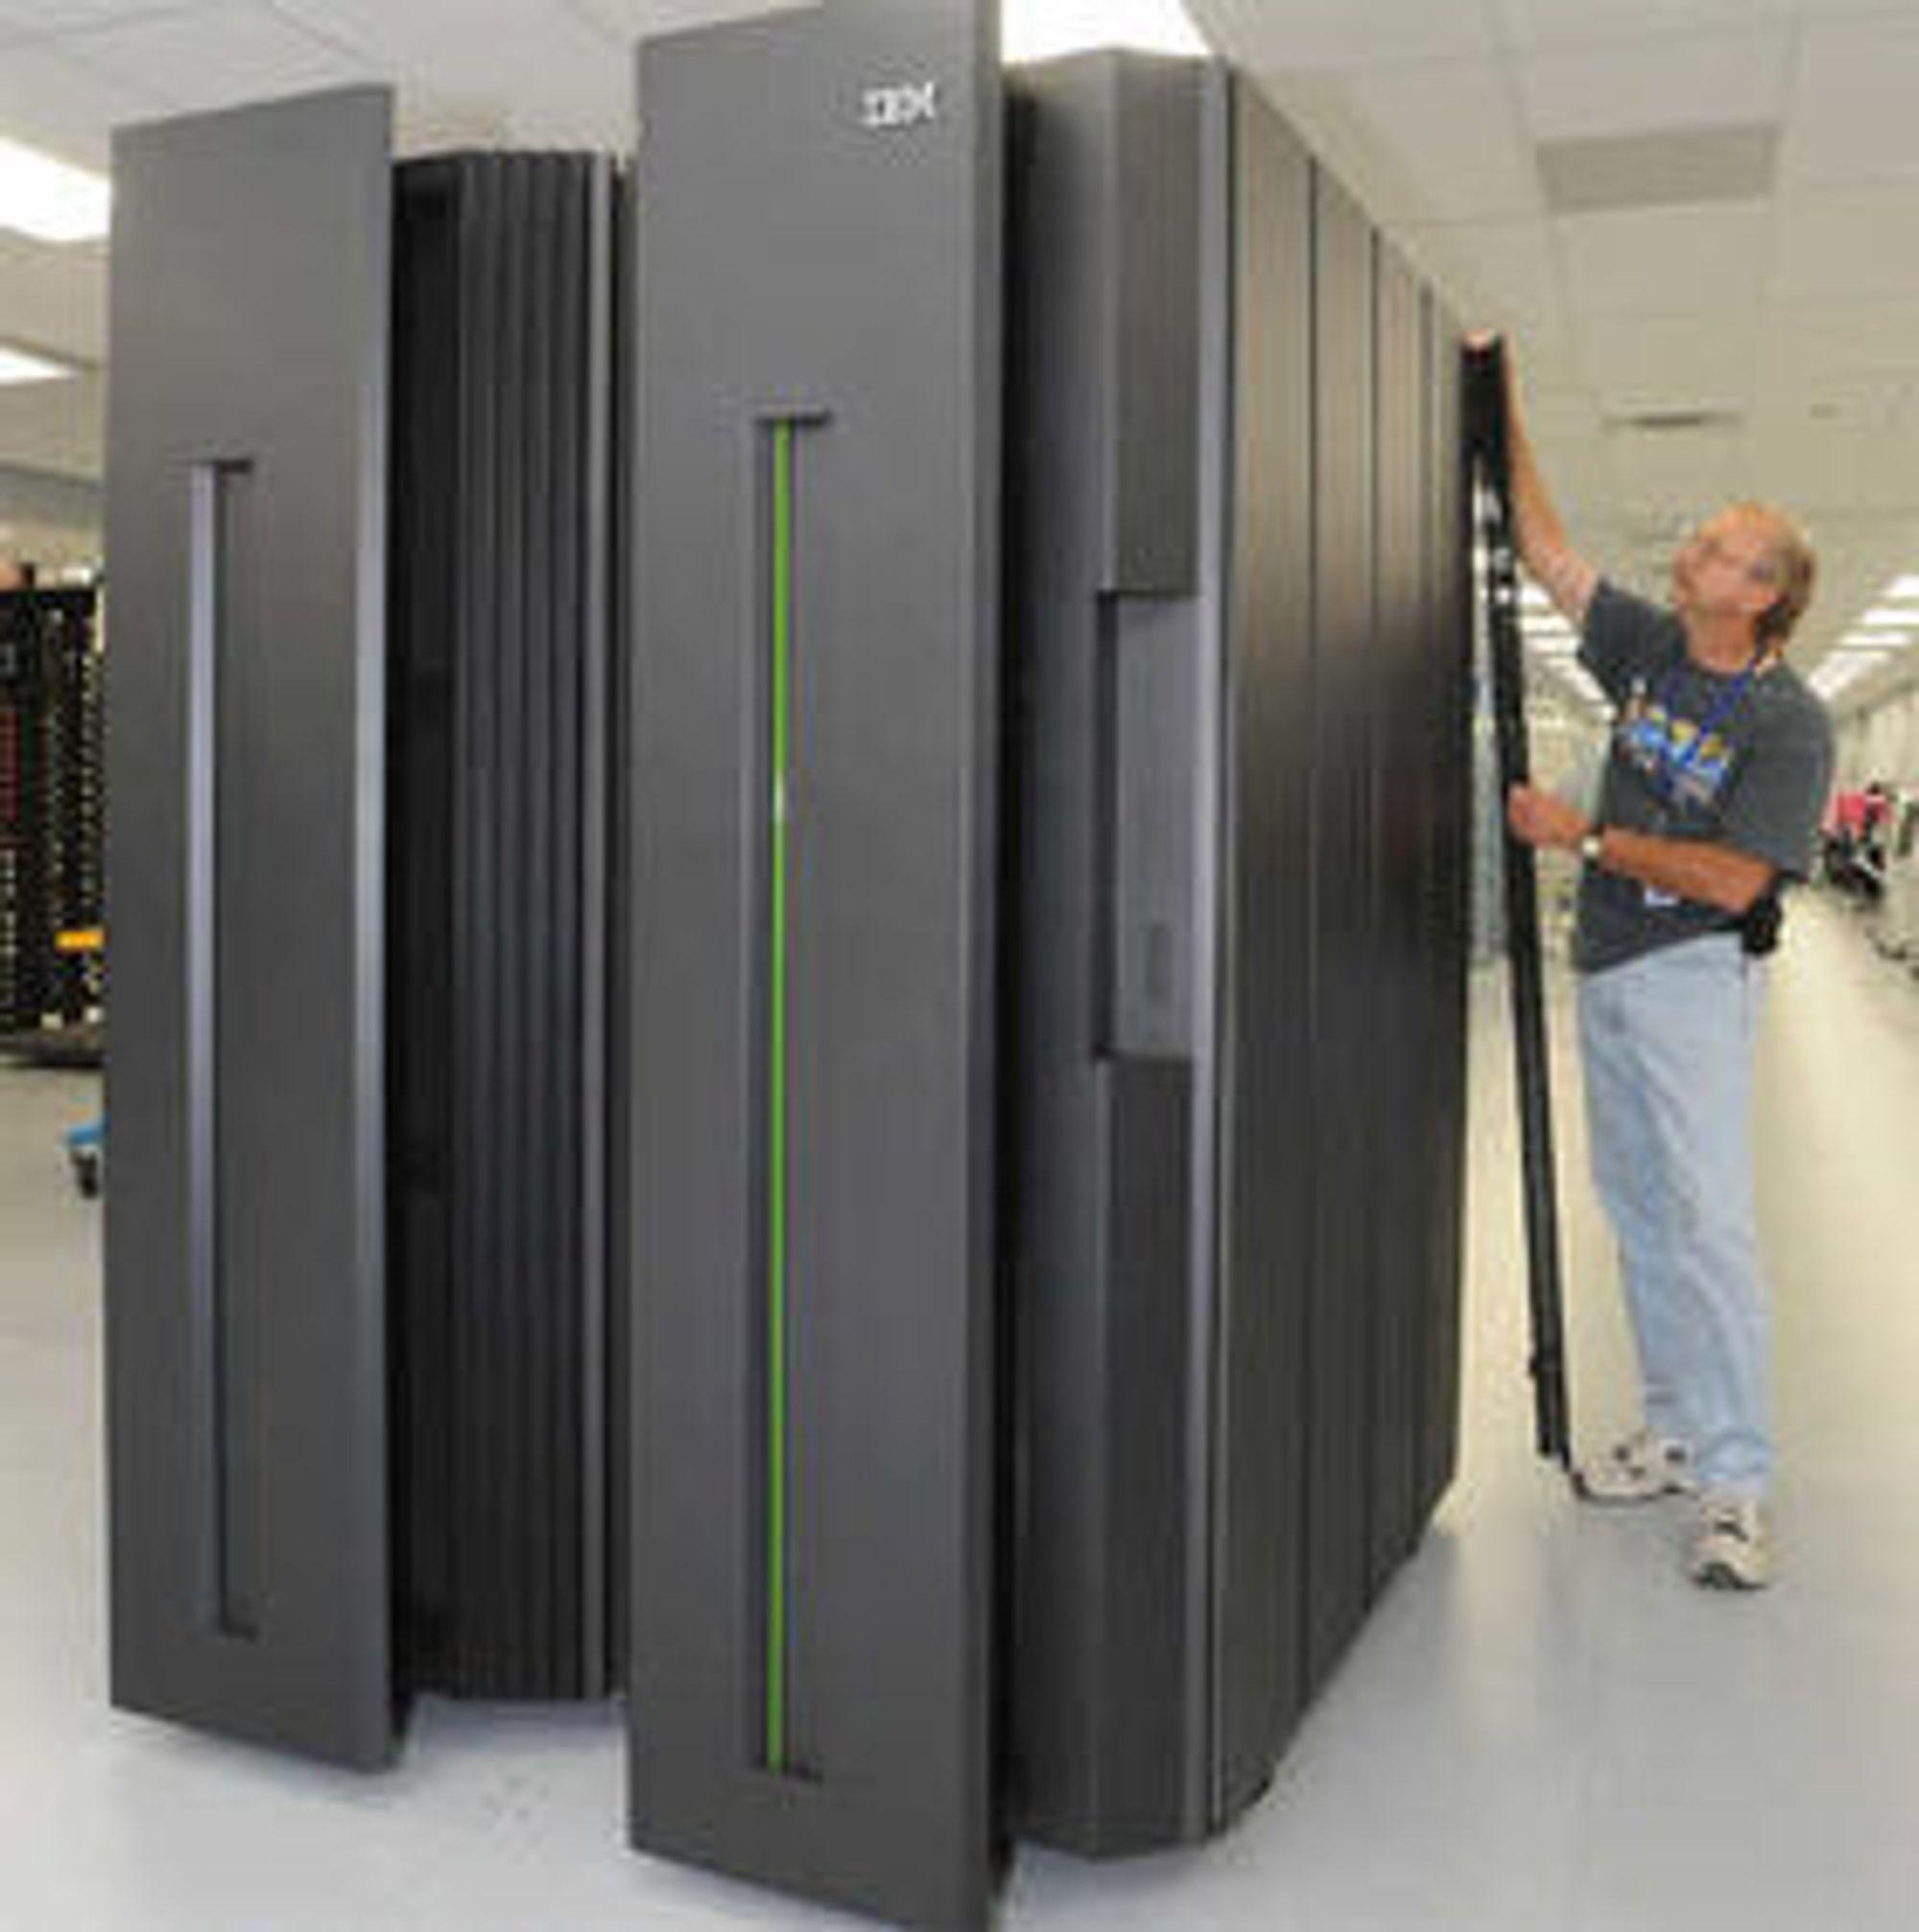 Stormaskiner er fortsatt IBMs mest lønnsomme forretningsområde. Her klargjøres en zEnterprise-modell for leveranse ved selskapets produksjonsanlegg i delstaten New York.